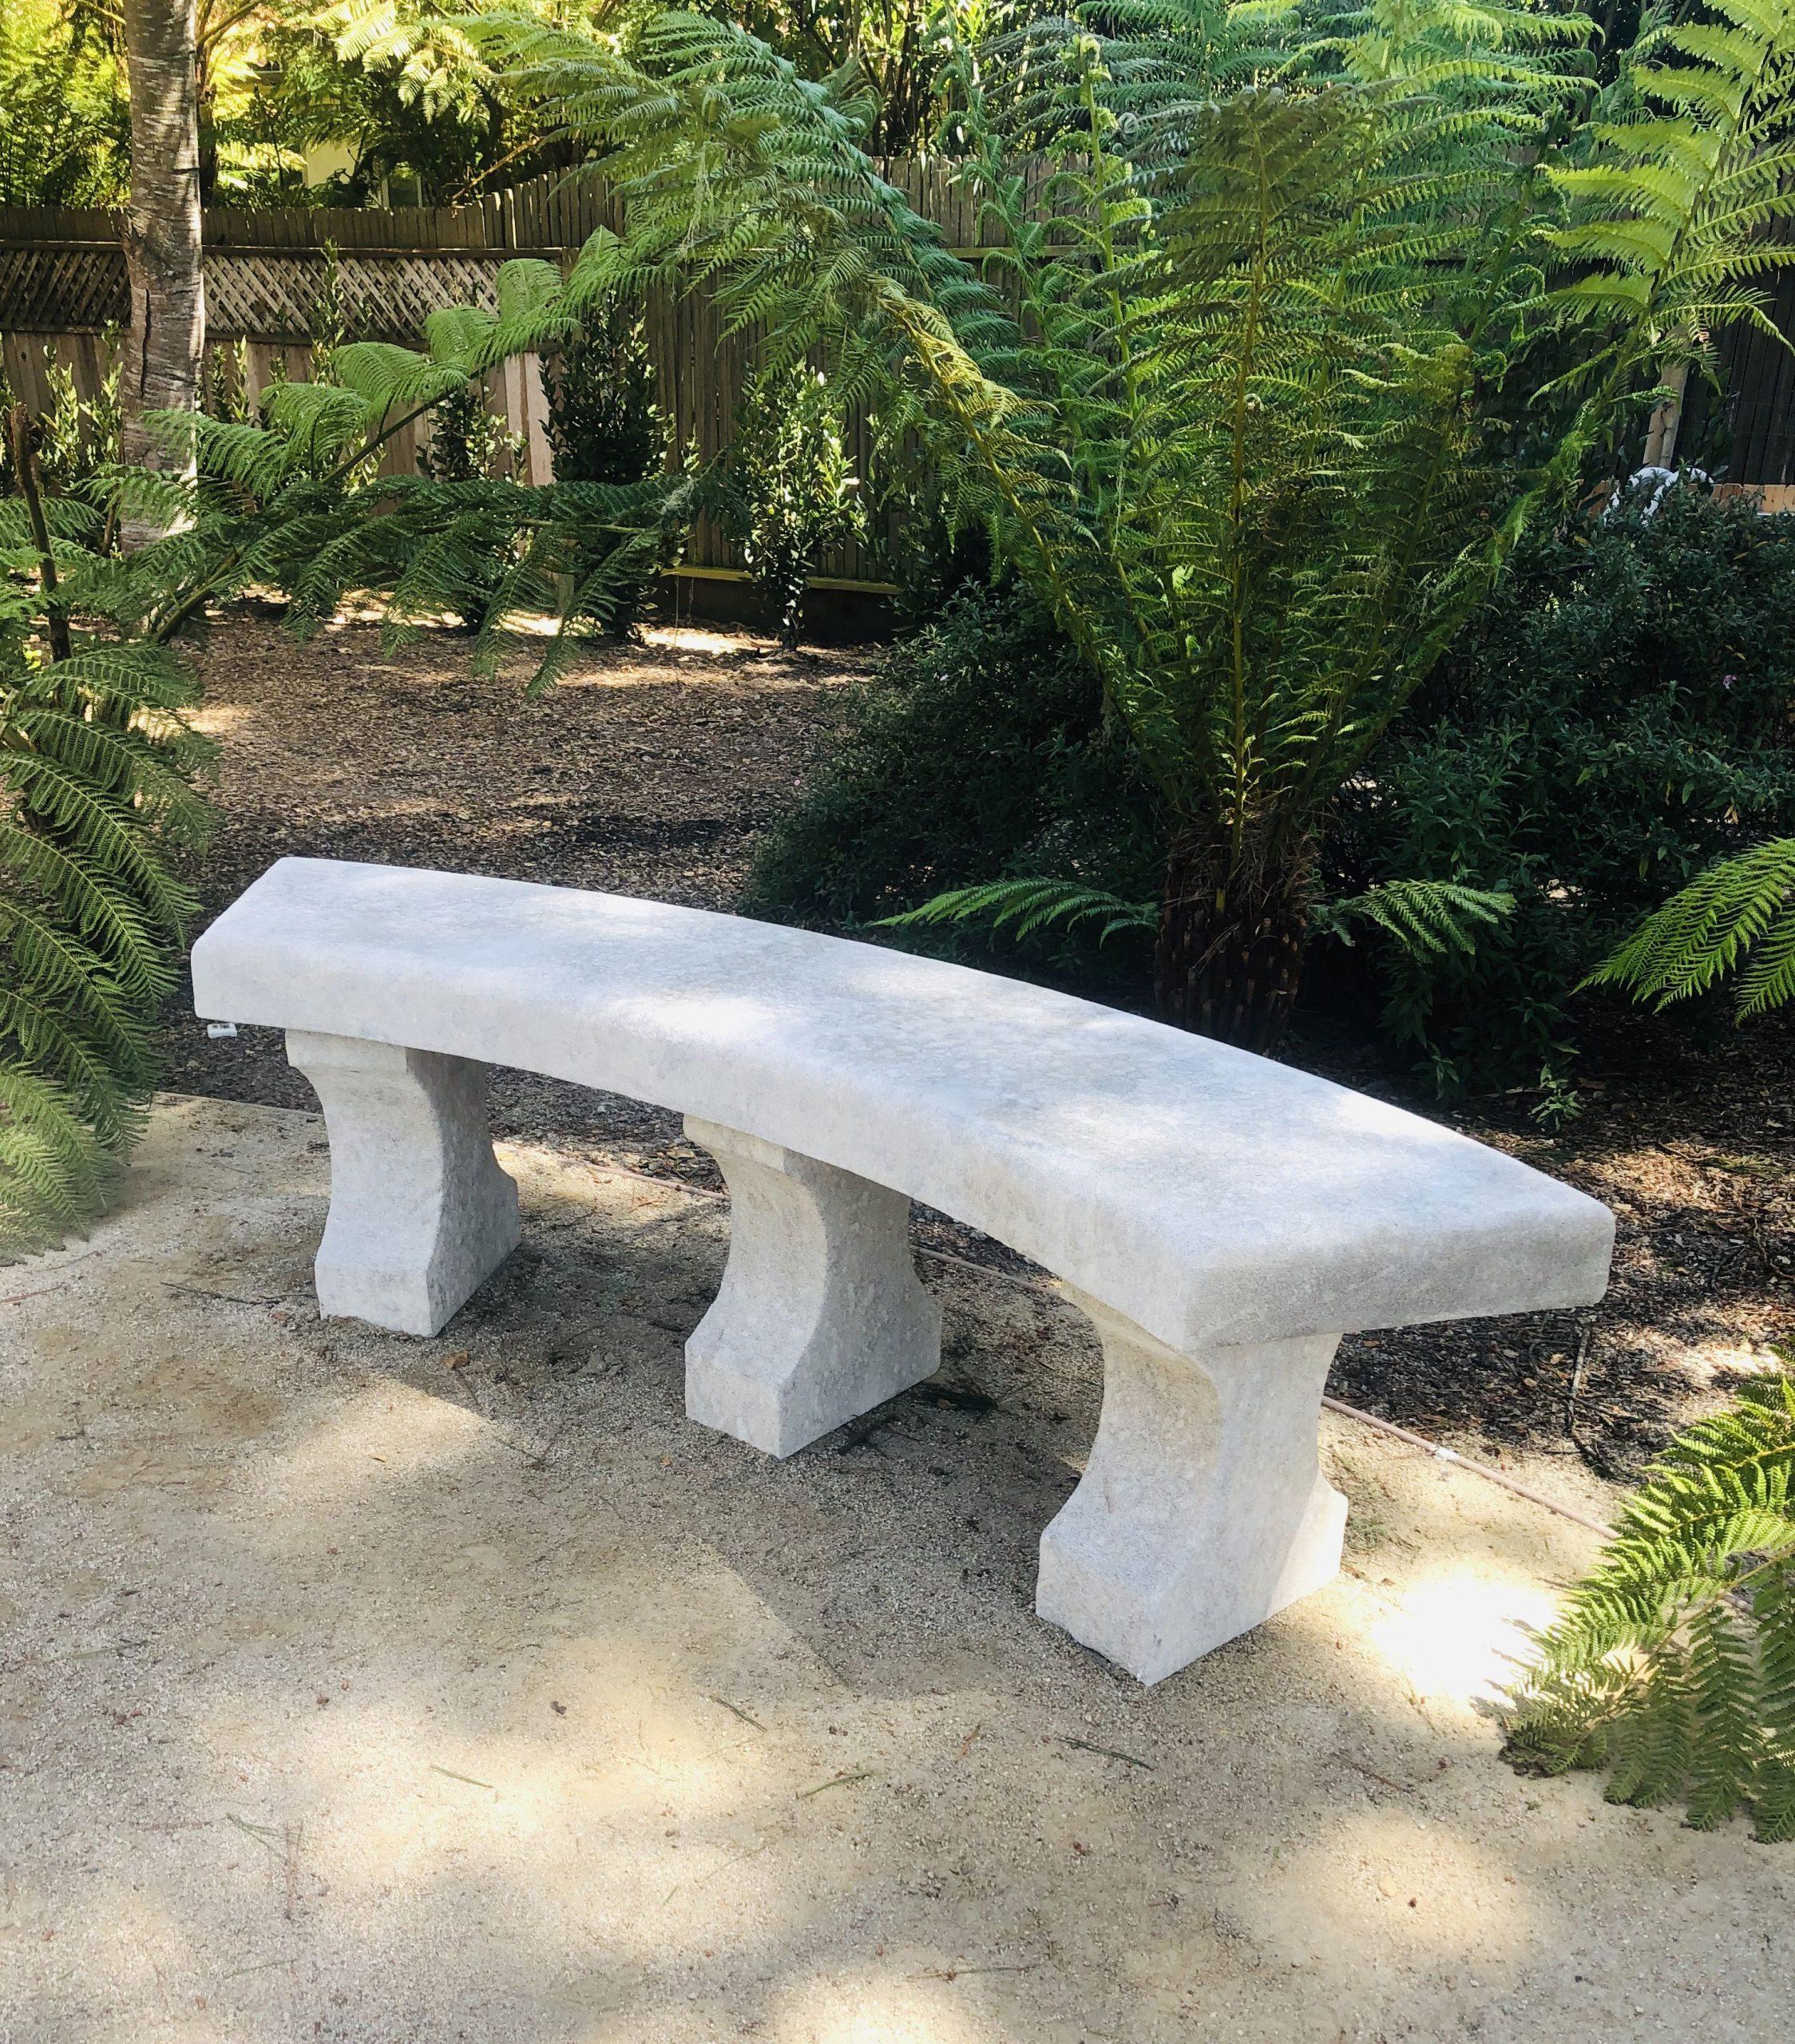 Ce Grand Banc De Jardin Mesure Présente Une Épaisse Assise ... encequiconcerne Banc De Jardin En Pierre